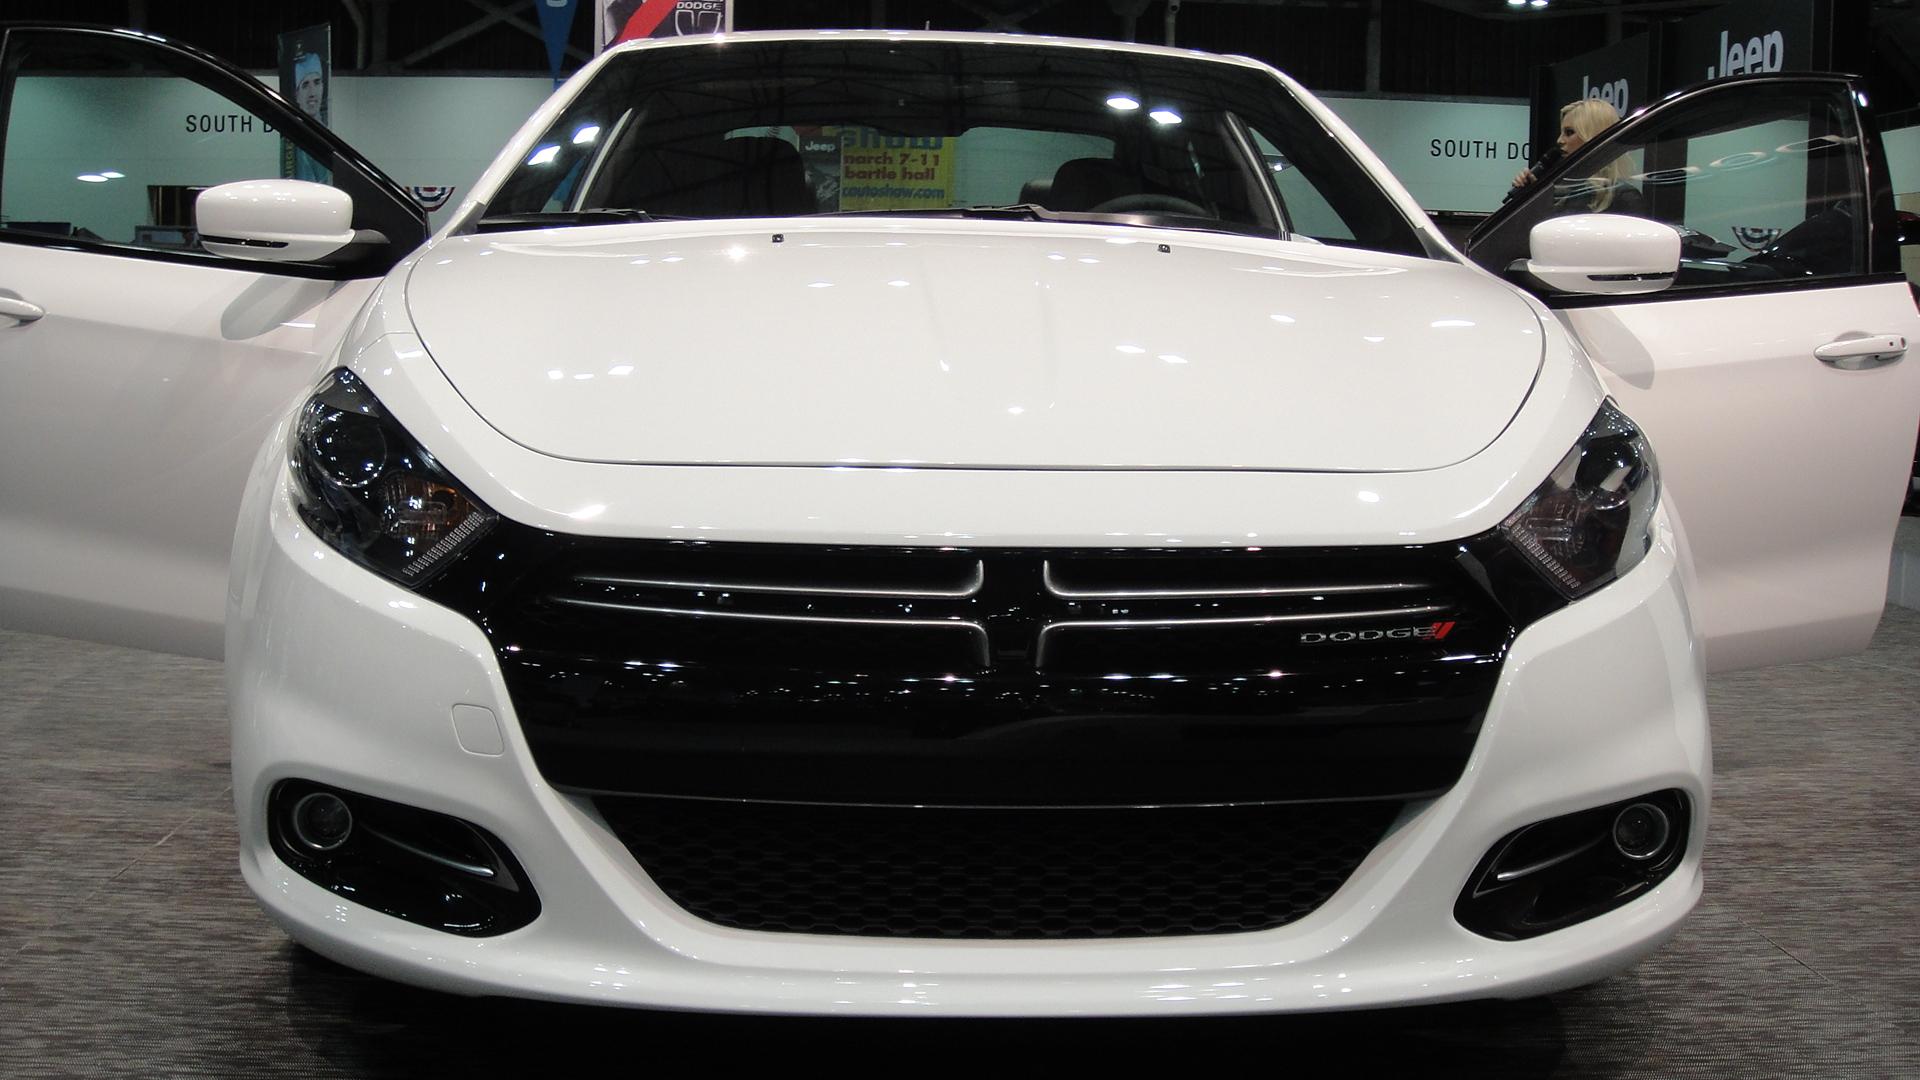 Dodge Dart 2013, el verdadero sucesor del Neon. | ALSRAC ...